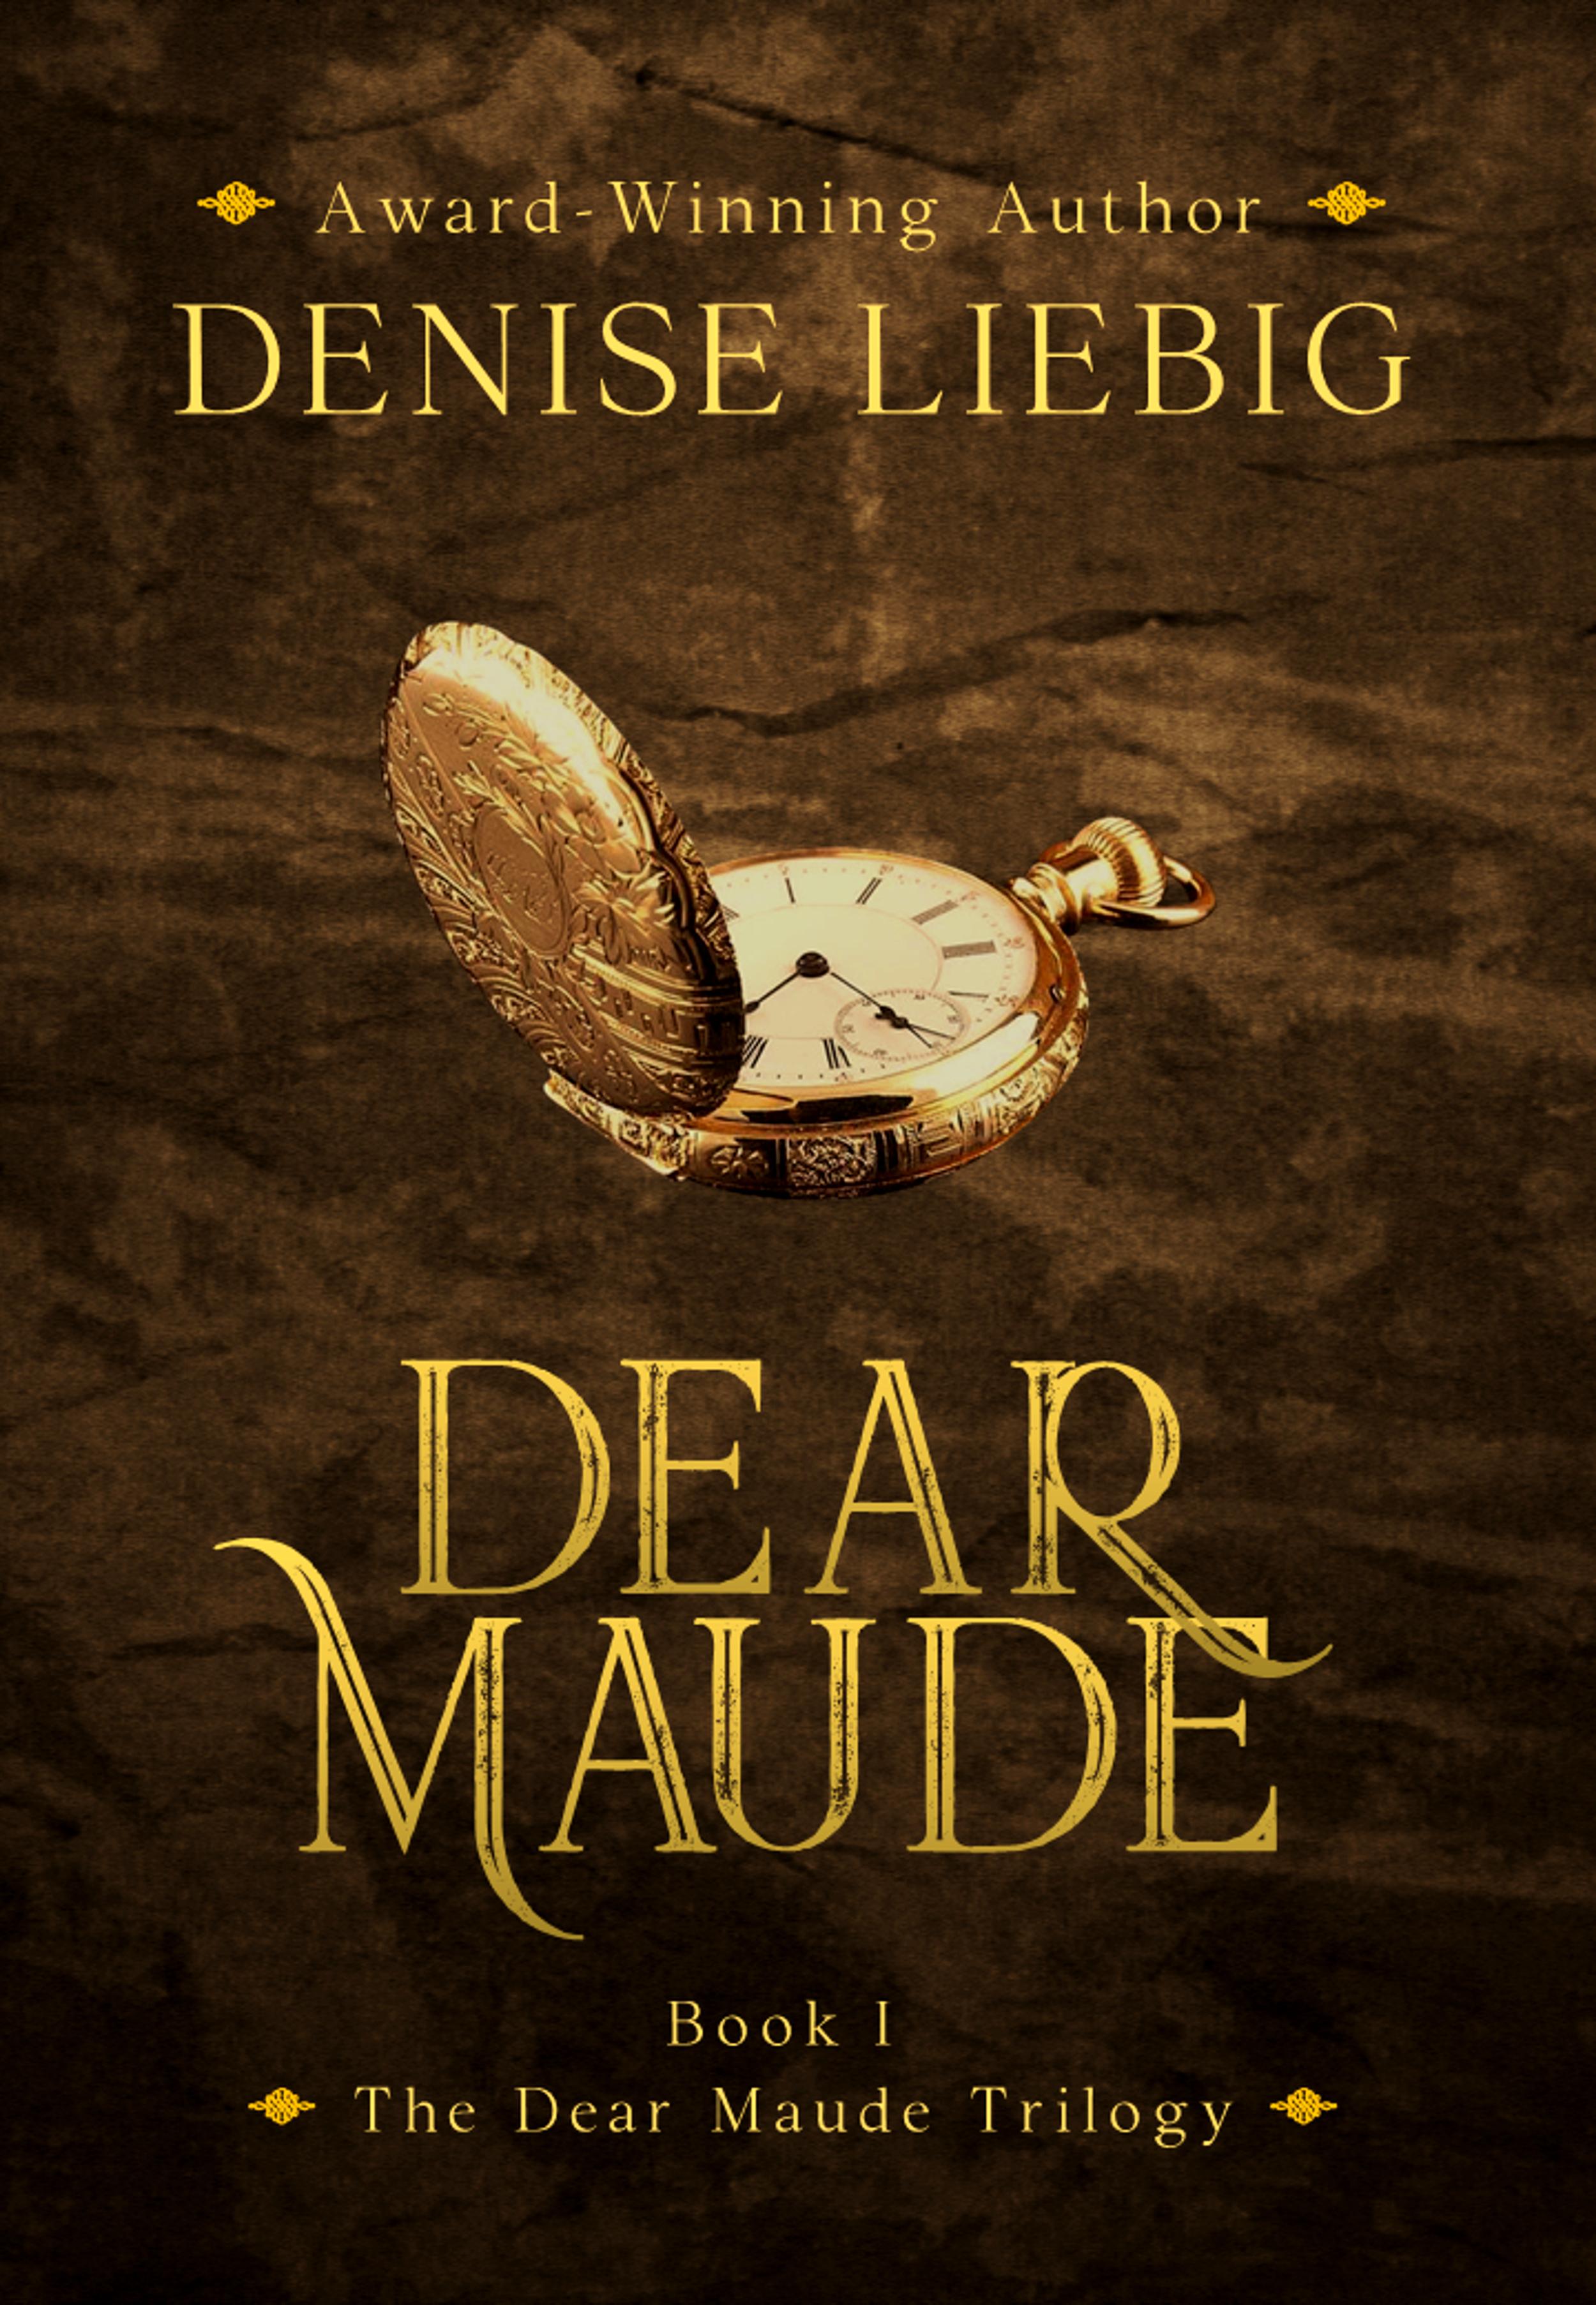 Dear Maude (sst-cccxlvi)